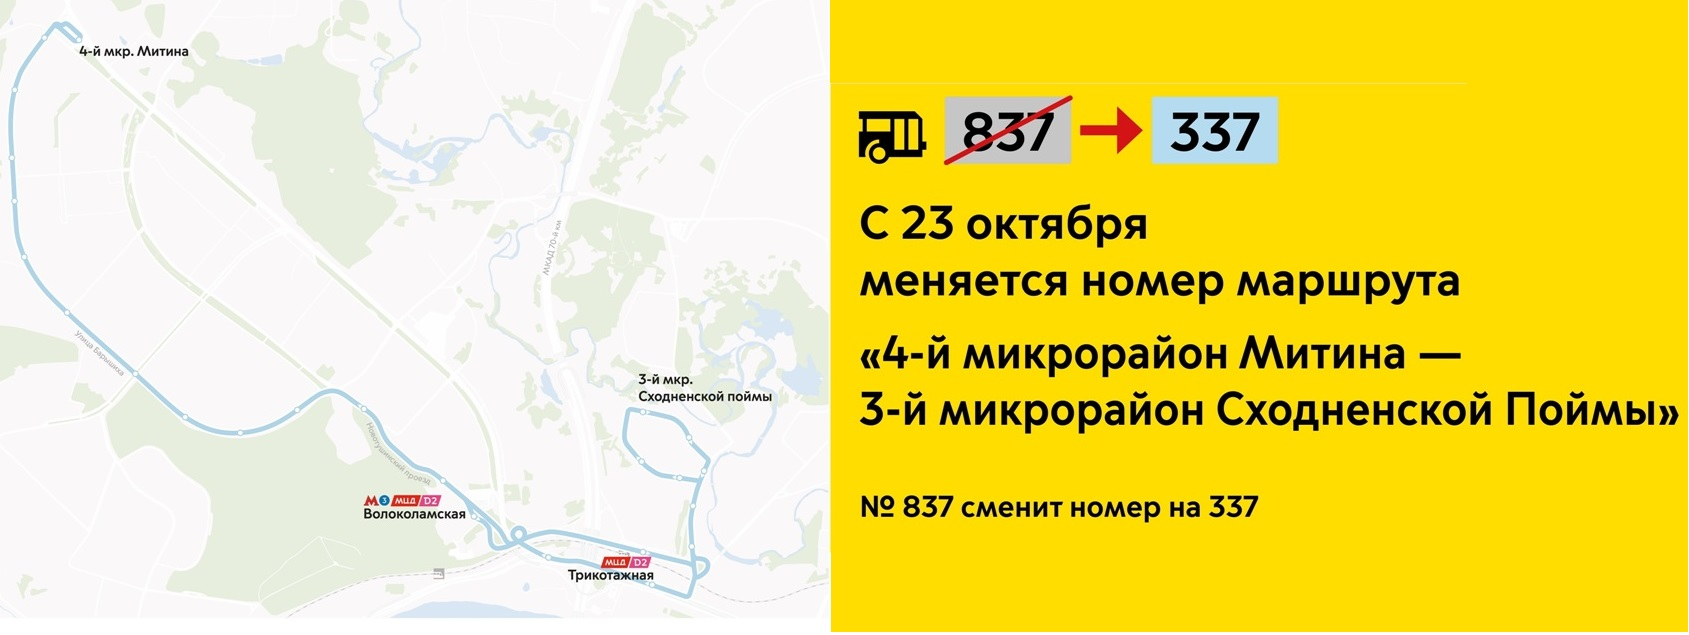 Автобус следующий по маршруту 837 будет переименован в 337